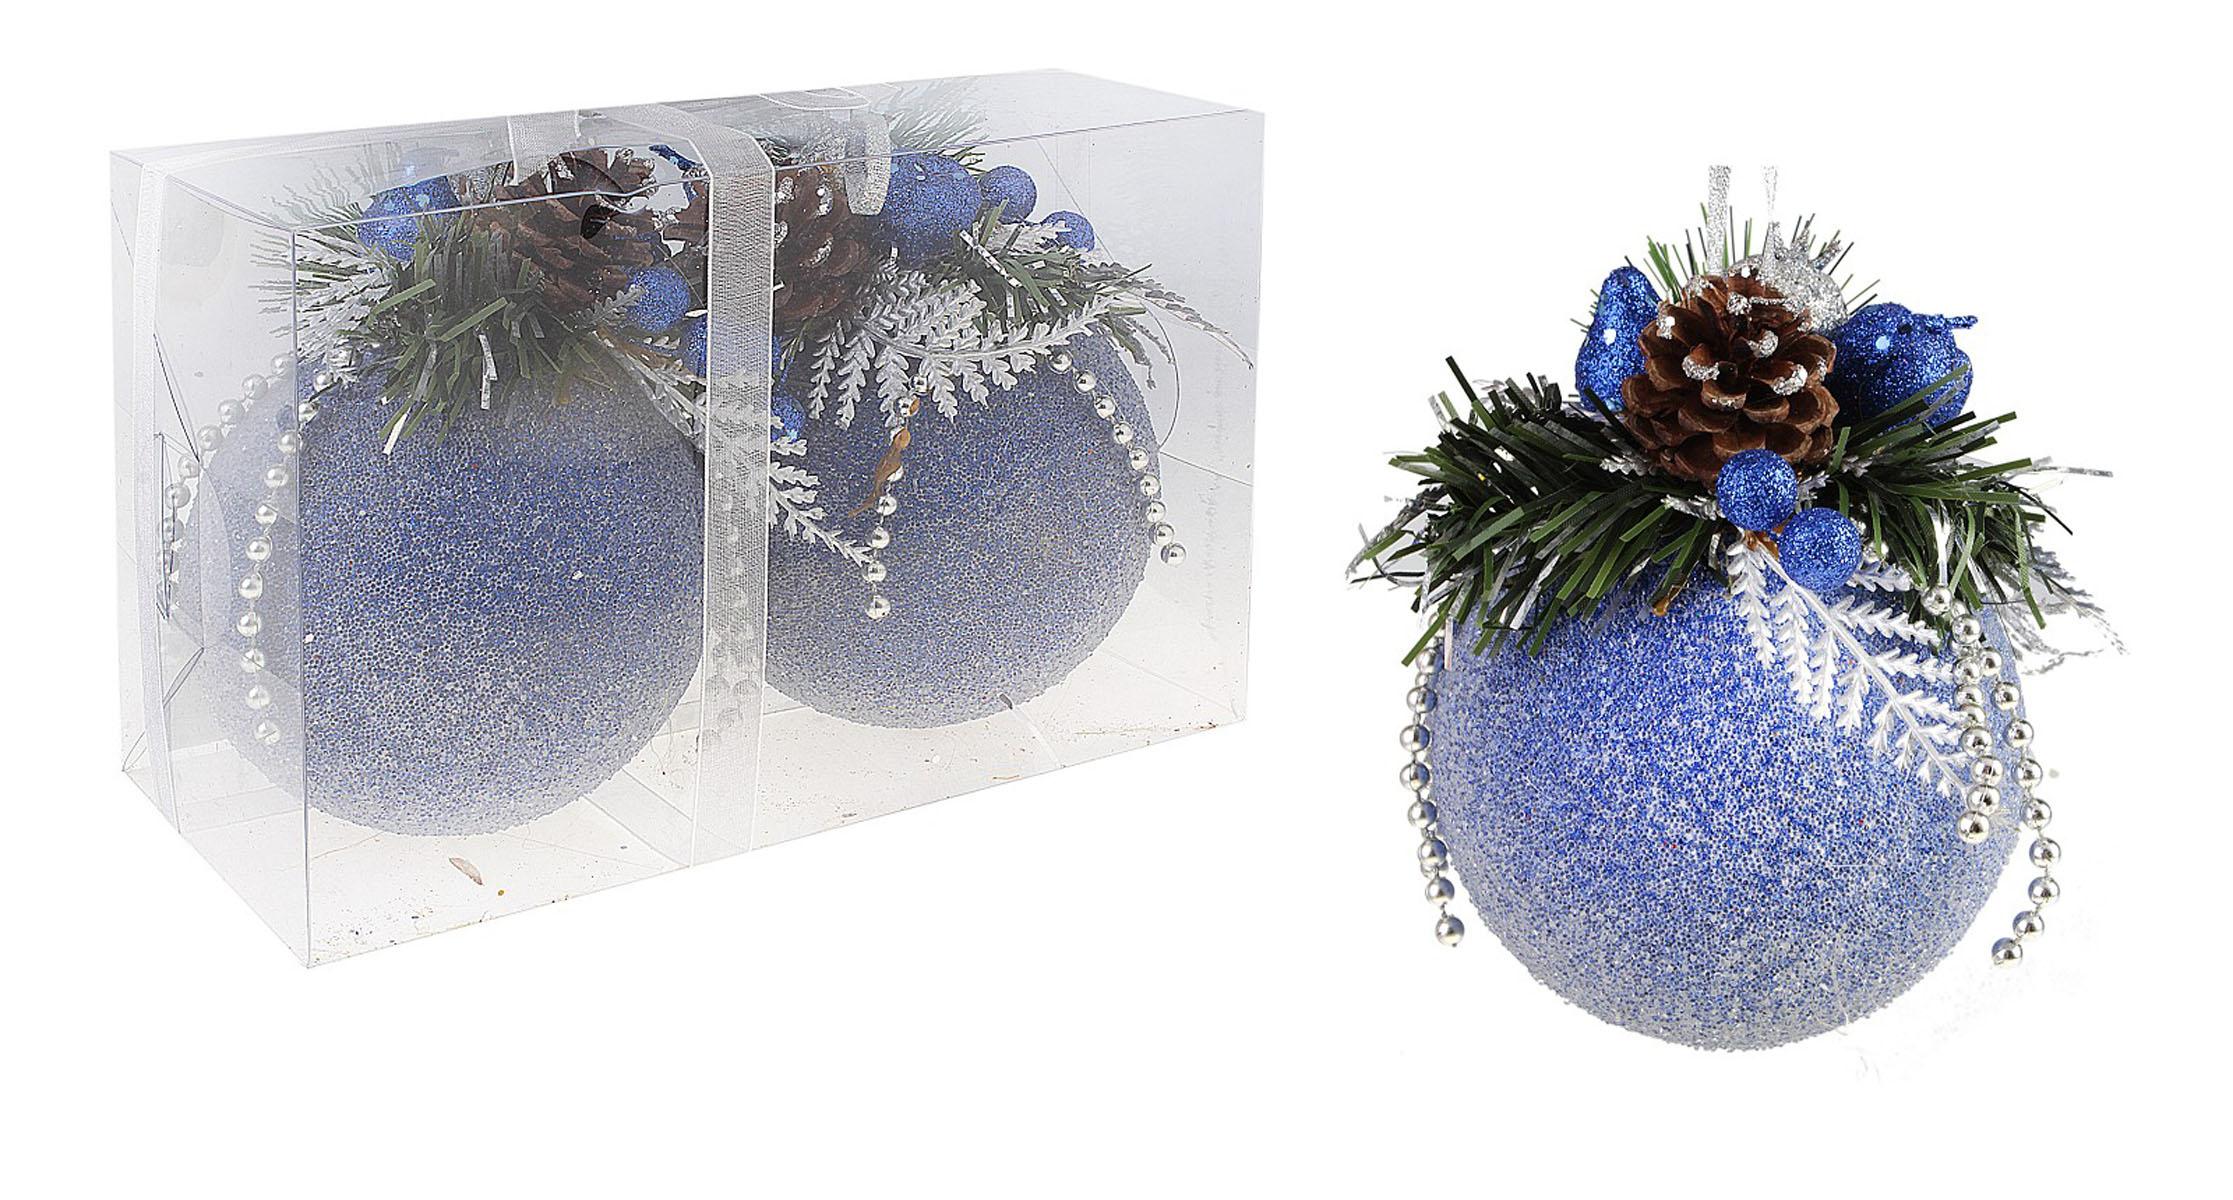 Набор новогодних подвесных украшений Sima-land Шар, цвет: синий, диаметр 10 см, 2 шт. 542597542597Набор новогодних подвесных украшений выполнен из рельефного пластика в форме шаров. Каждый шар оформлен декоративной композицией из еловых веток и шишек, пластиковых ягод, груш, листьев и бус. С помощью специальной петельки украшение можно повесить в любом понравившемся вам месте. Но, конечно, удачнее всего такой набор будет смотреться на праздничной елке.Елочная игрушка - символ Нового года. Она несет в себе волшебство и красоту праздника. Создайте в своем доме атмосферу веселья и радости, украшая новогоднюю елку нарядными игрушками, которые будут из года в год накапливать теплоту воспоминаний.